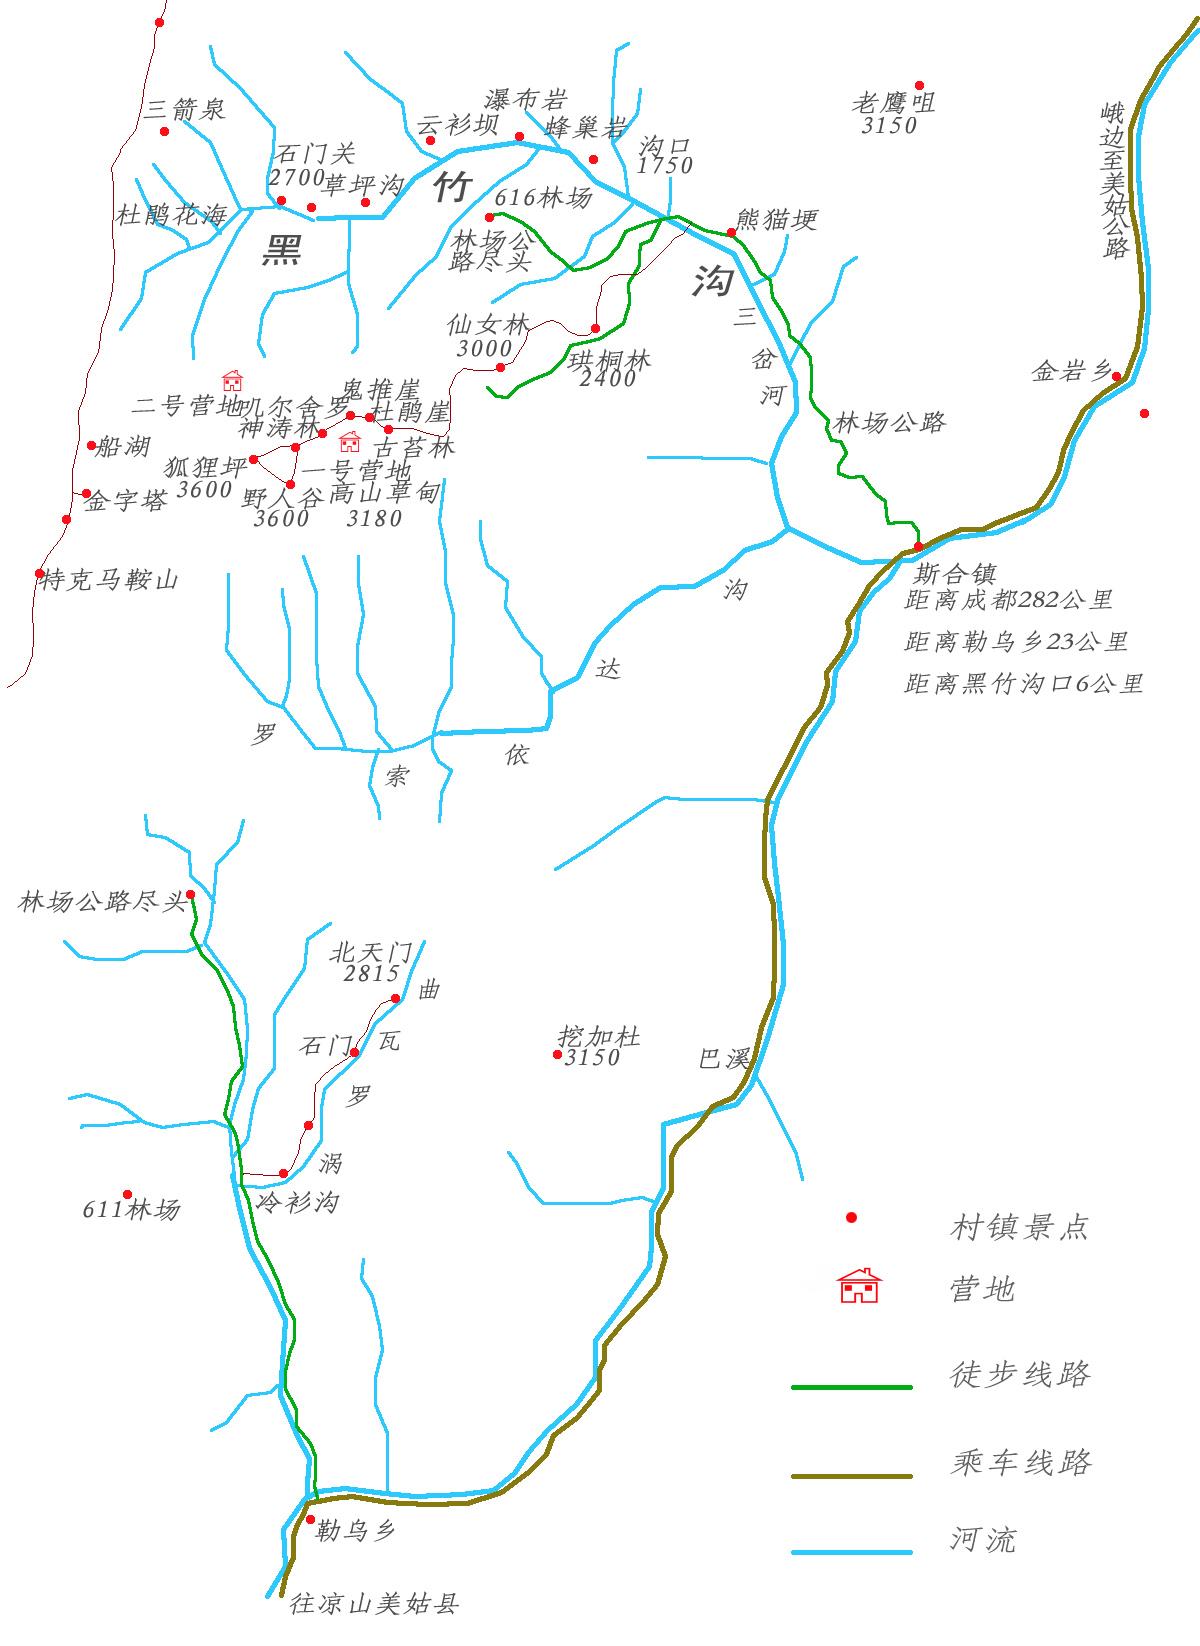 四川黑竹沟旅游地图